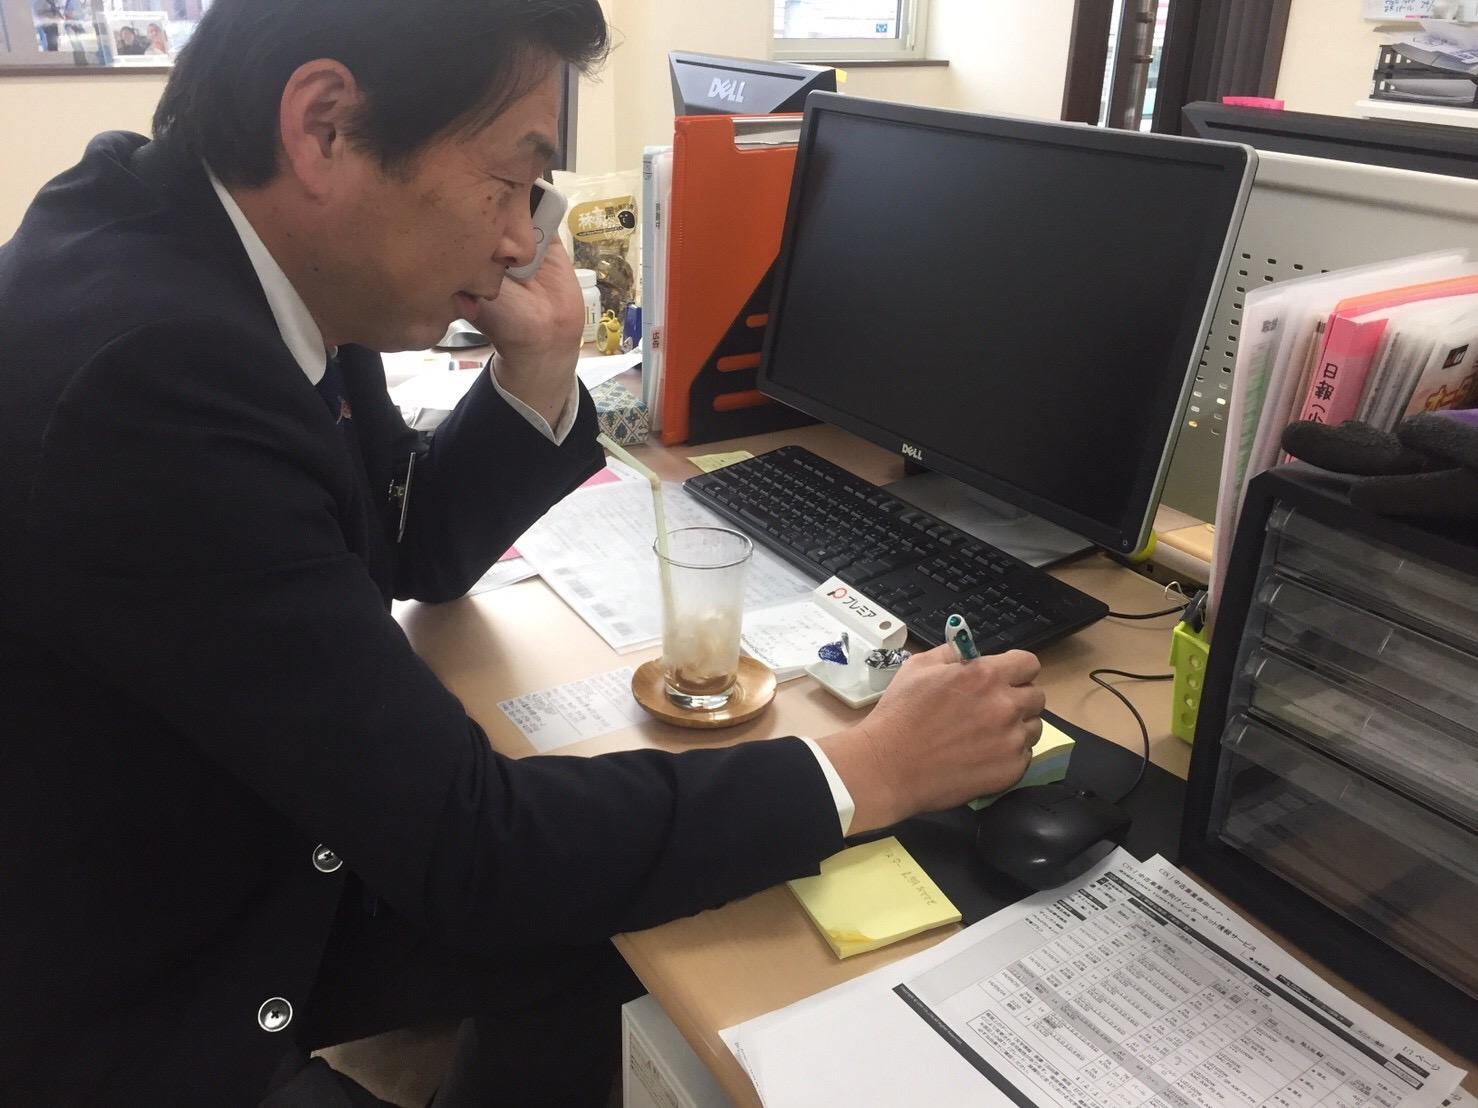 11月30日水曜日のひとログ(。・ω・。) 植東さん卒業!!!今までありがとうございました!_b0127002_1855495.jpg